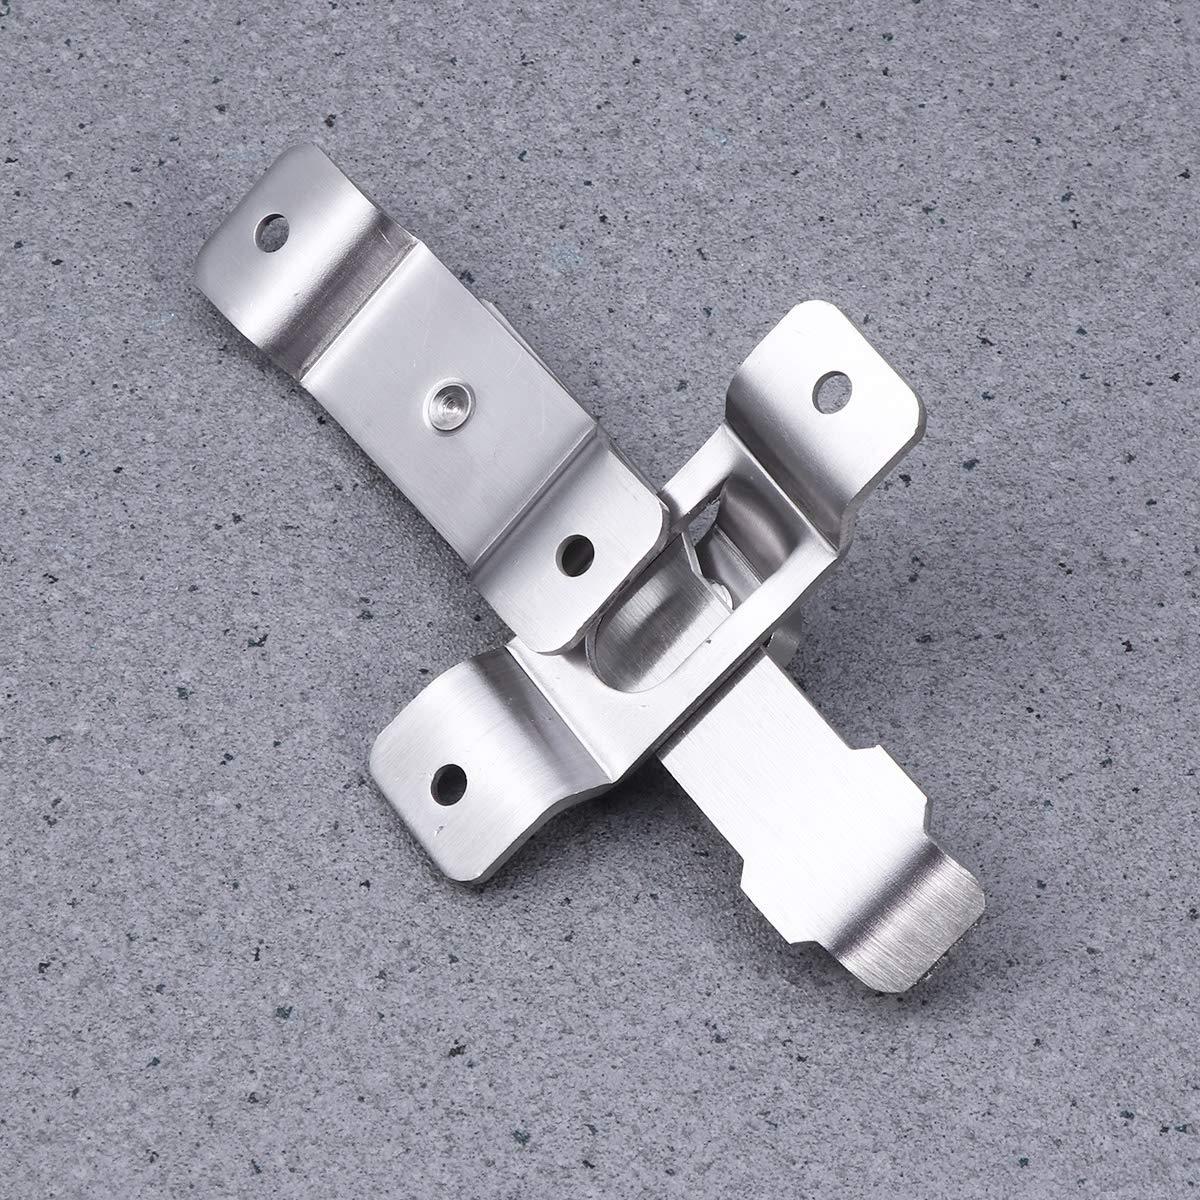 Dresselhaus 6 x 70 mm, 100 unidades, metal galvanizado, Torx T25 Tornillo de ajuste